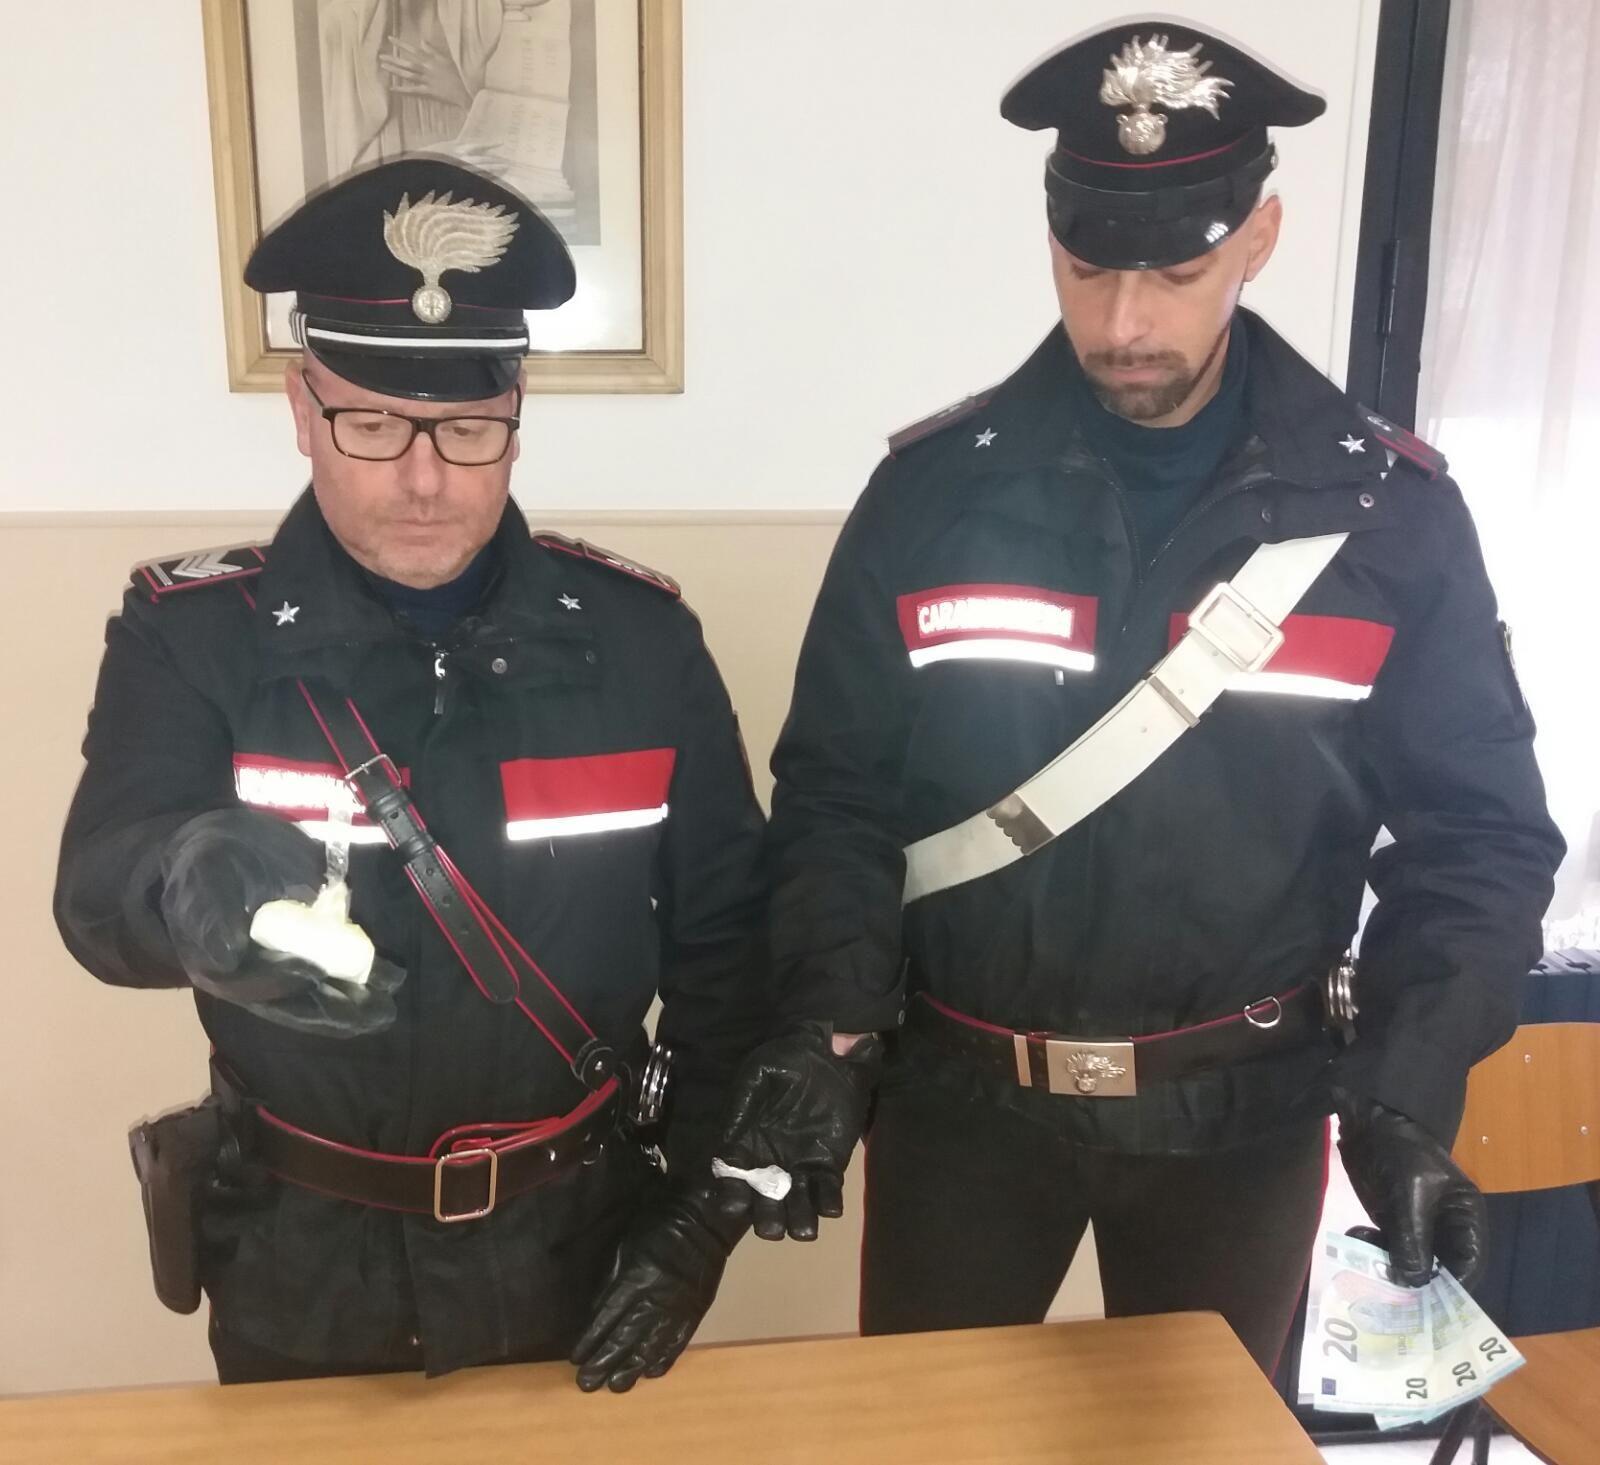 VALPERGA-CUORGNE' - Lancia la cocaina dal finestrino dell'auto: inseguito e arrestato dai carabinieri